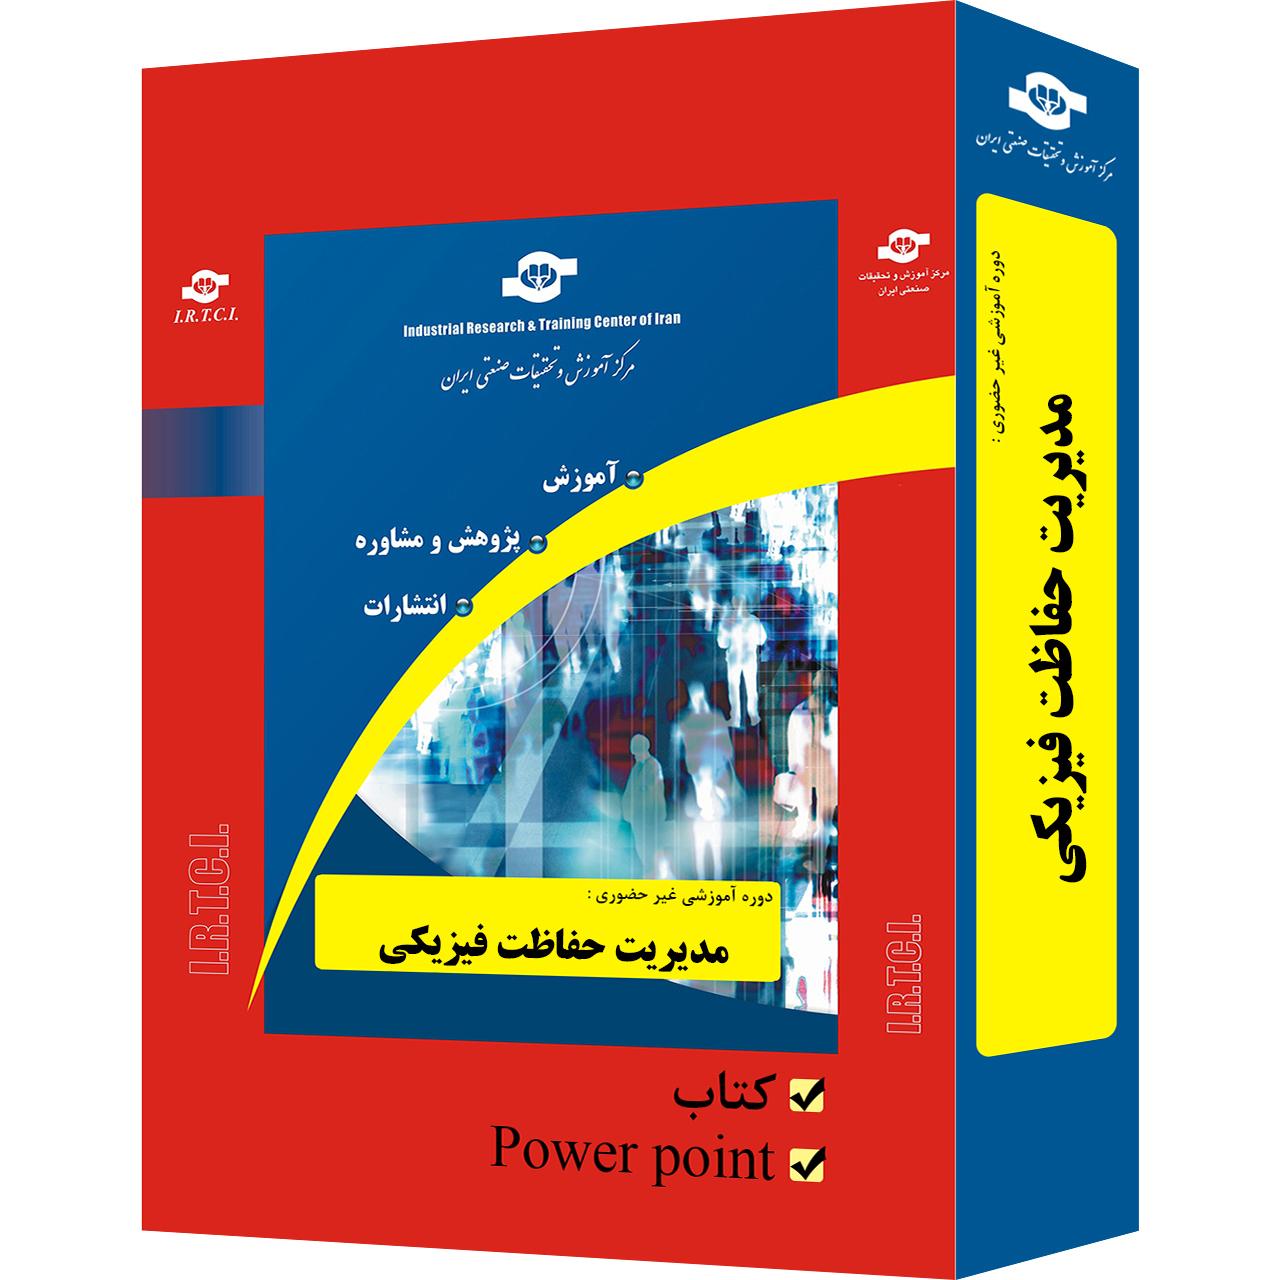 بسته آموزشی غیر حضوری مدیریت حفاظت فیزیکی تدوین مرکز آموزش و تحقیقات صنعتی ایران